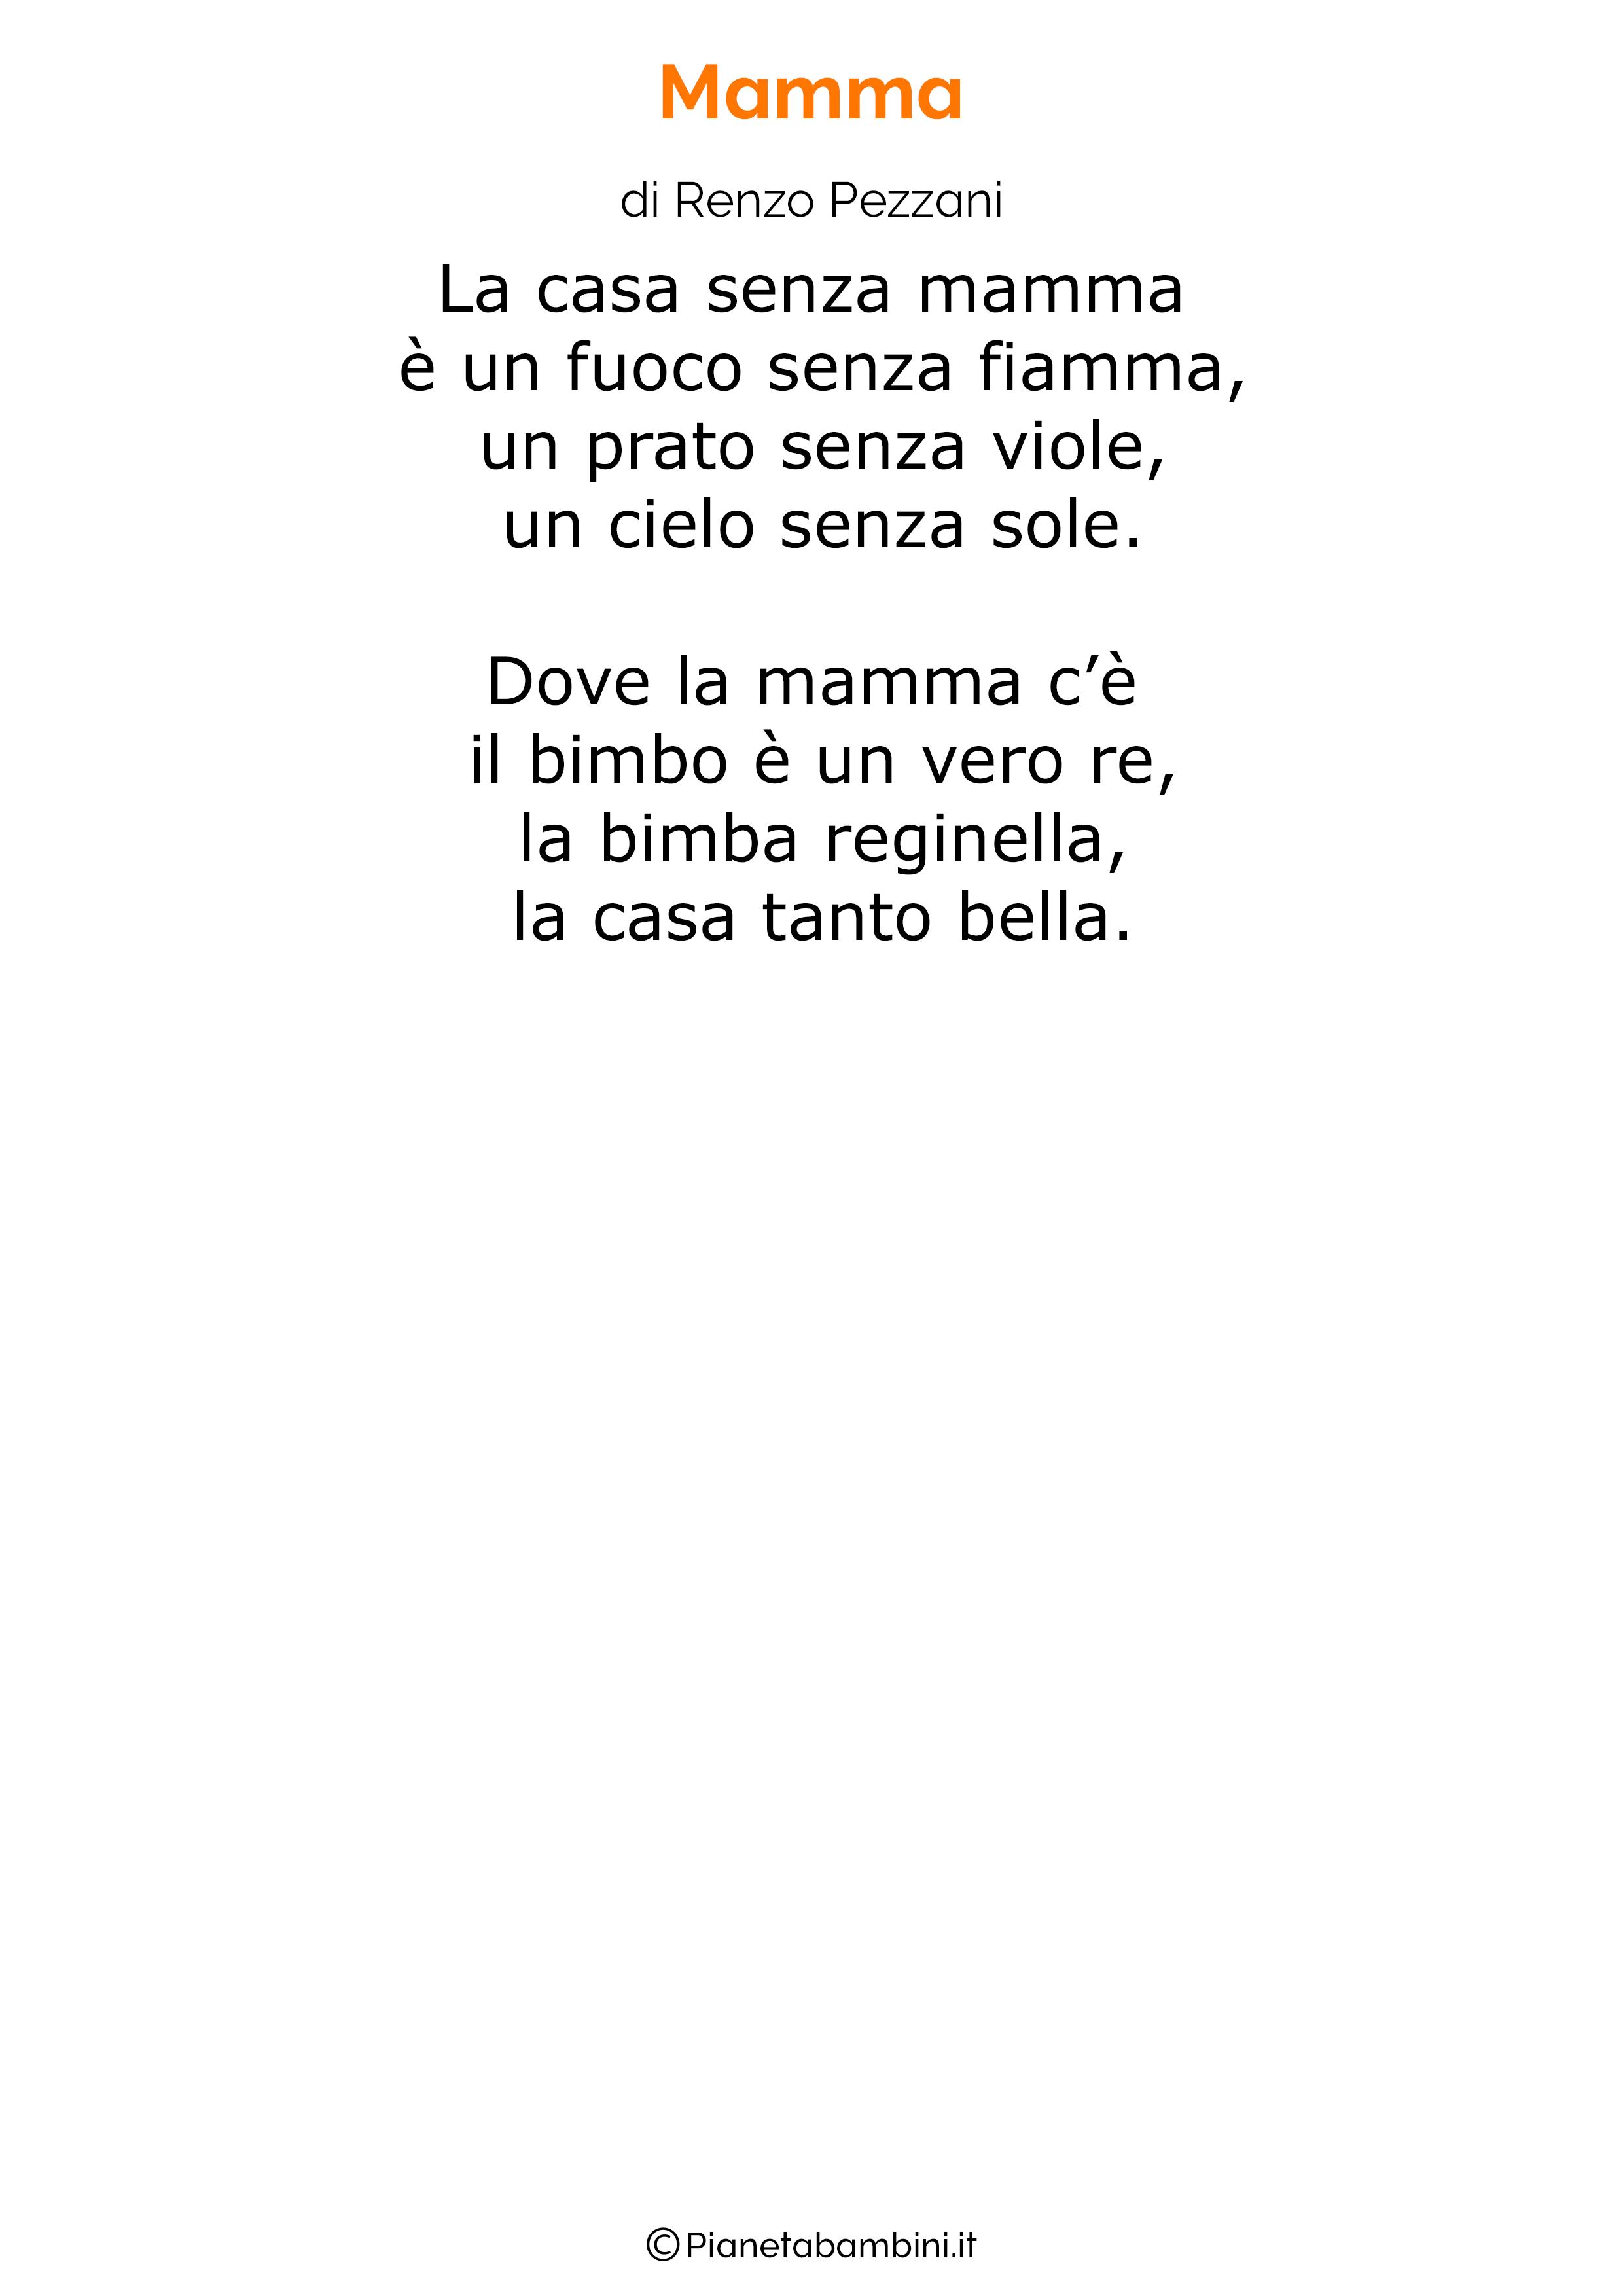 Poesia per la festa della mamma da stampare 18